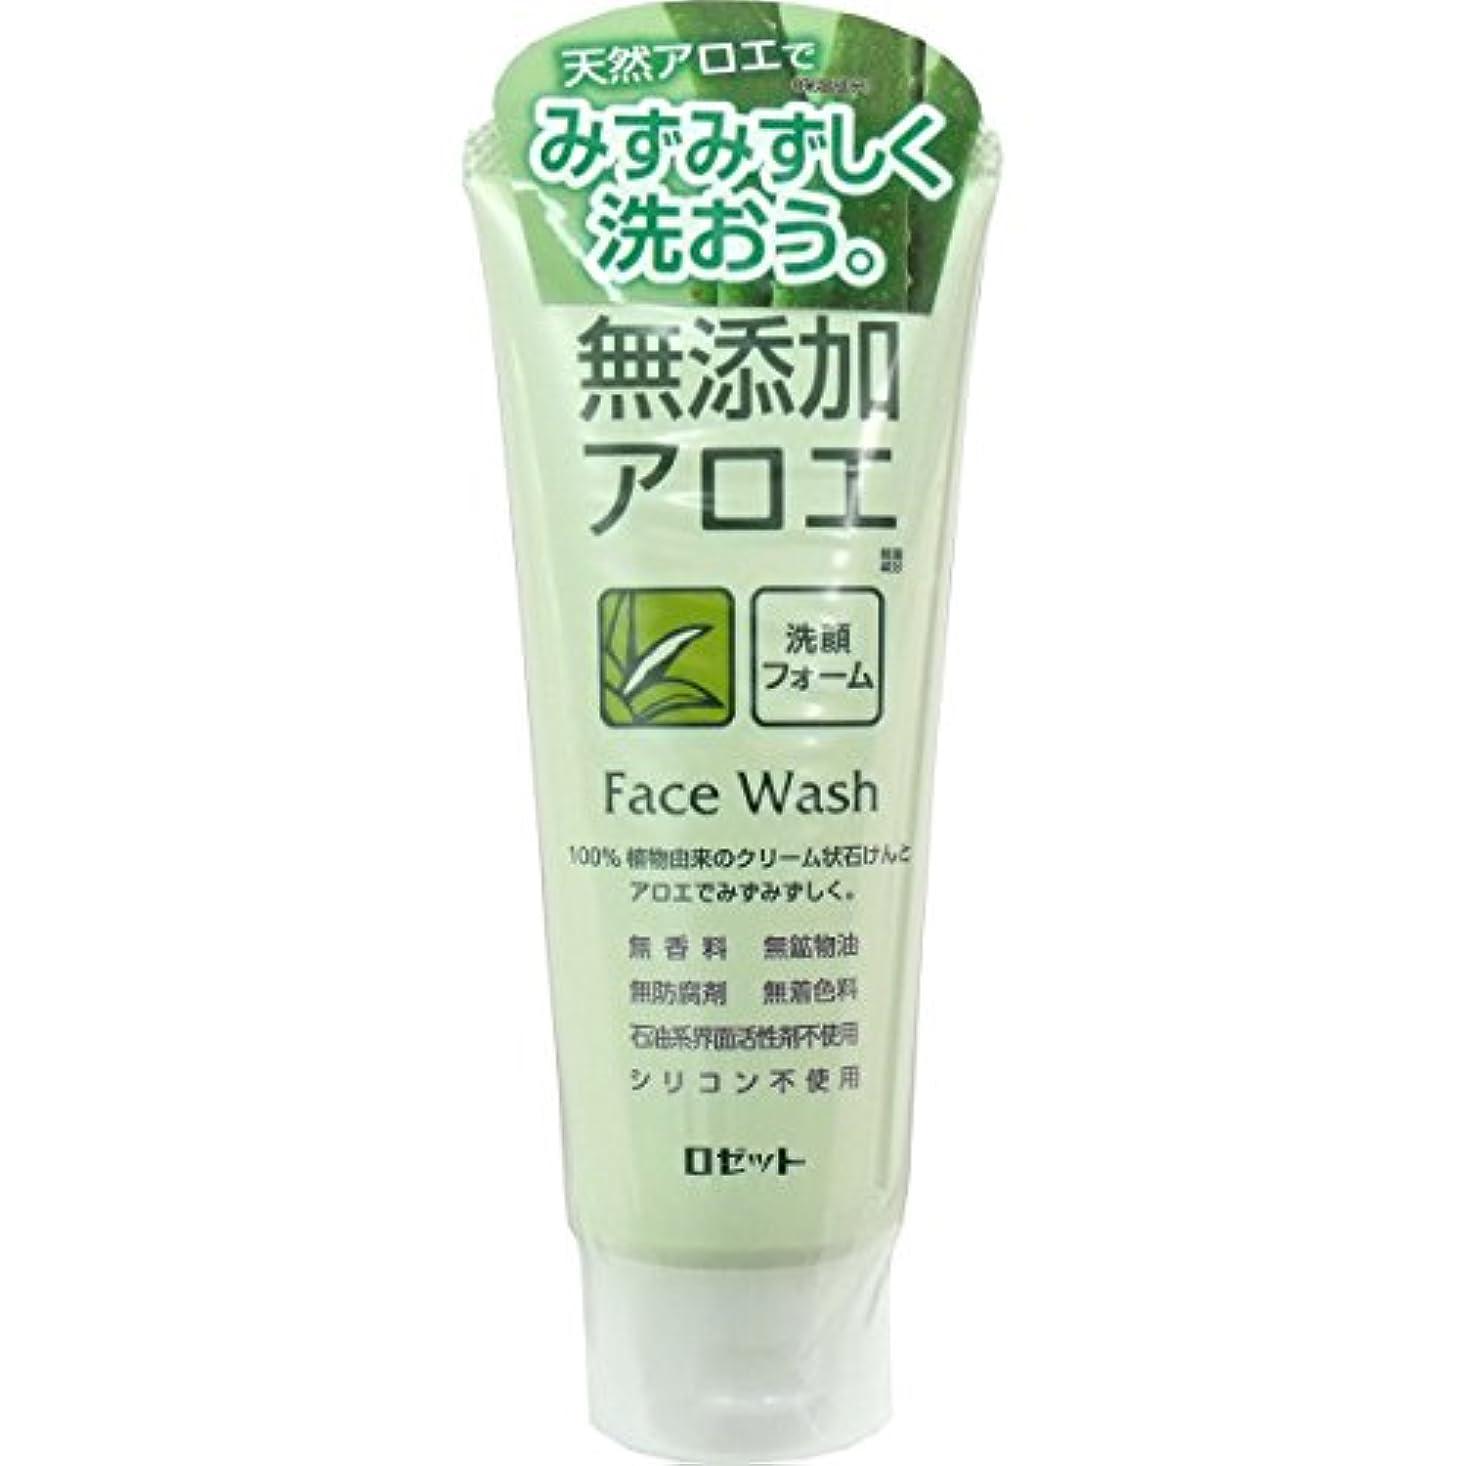 ラショナル干し草磁器【ロゼット】無添加アロエ 洗顔フォーム 140g ×10個セット